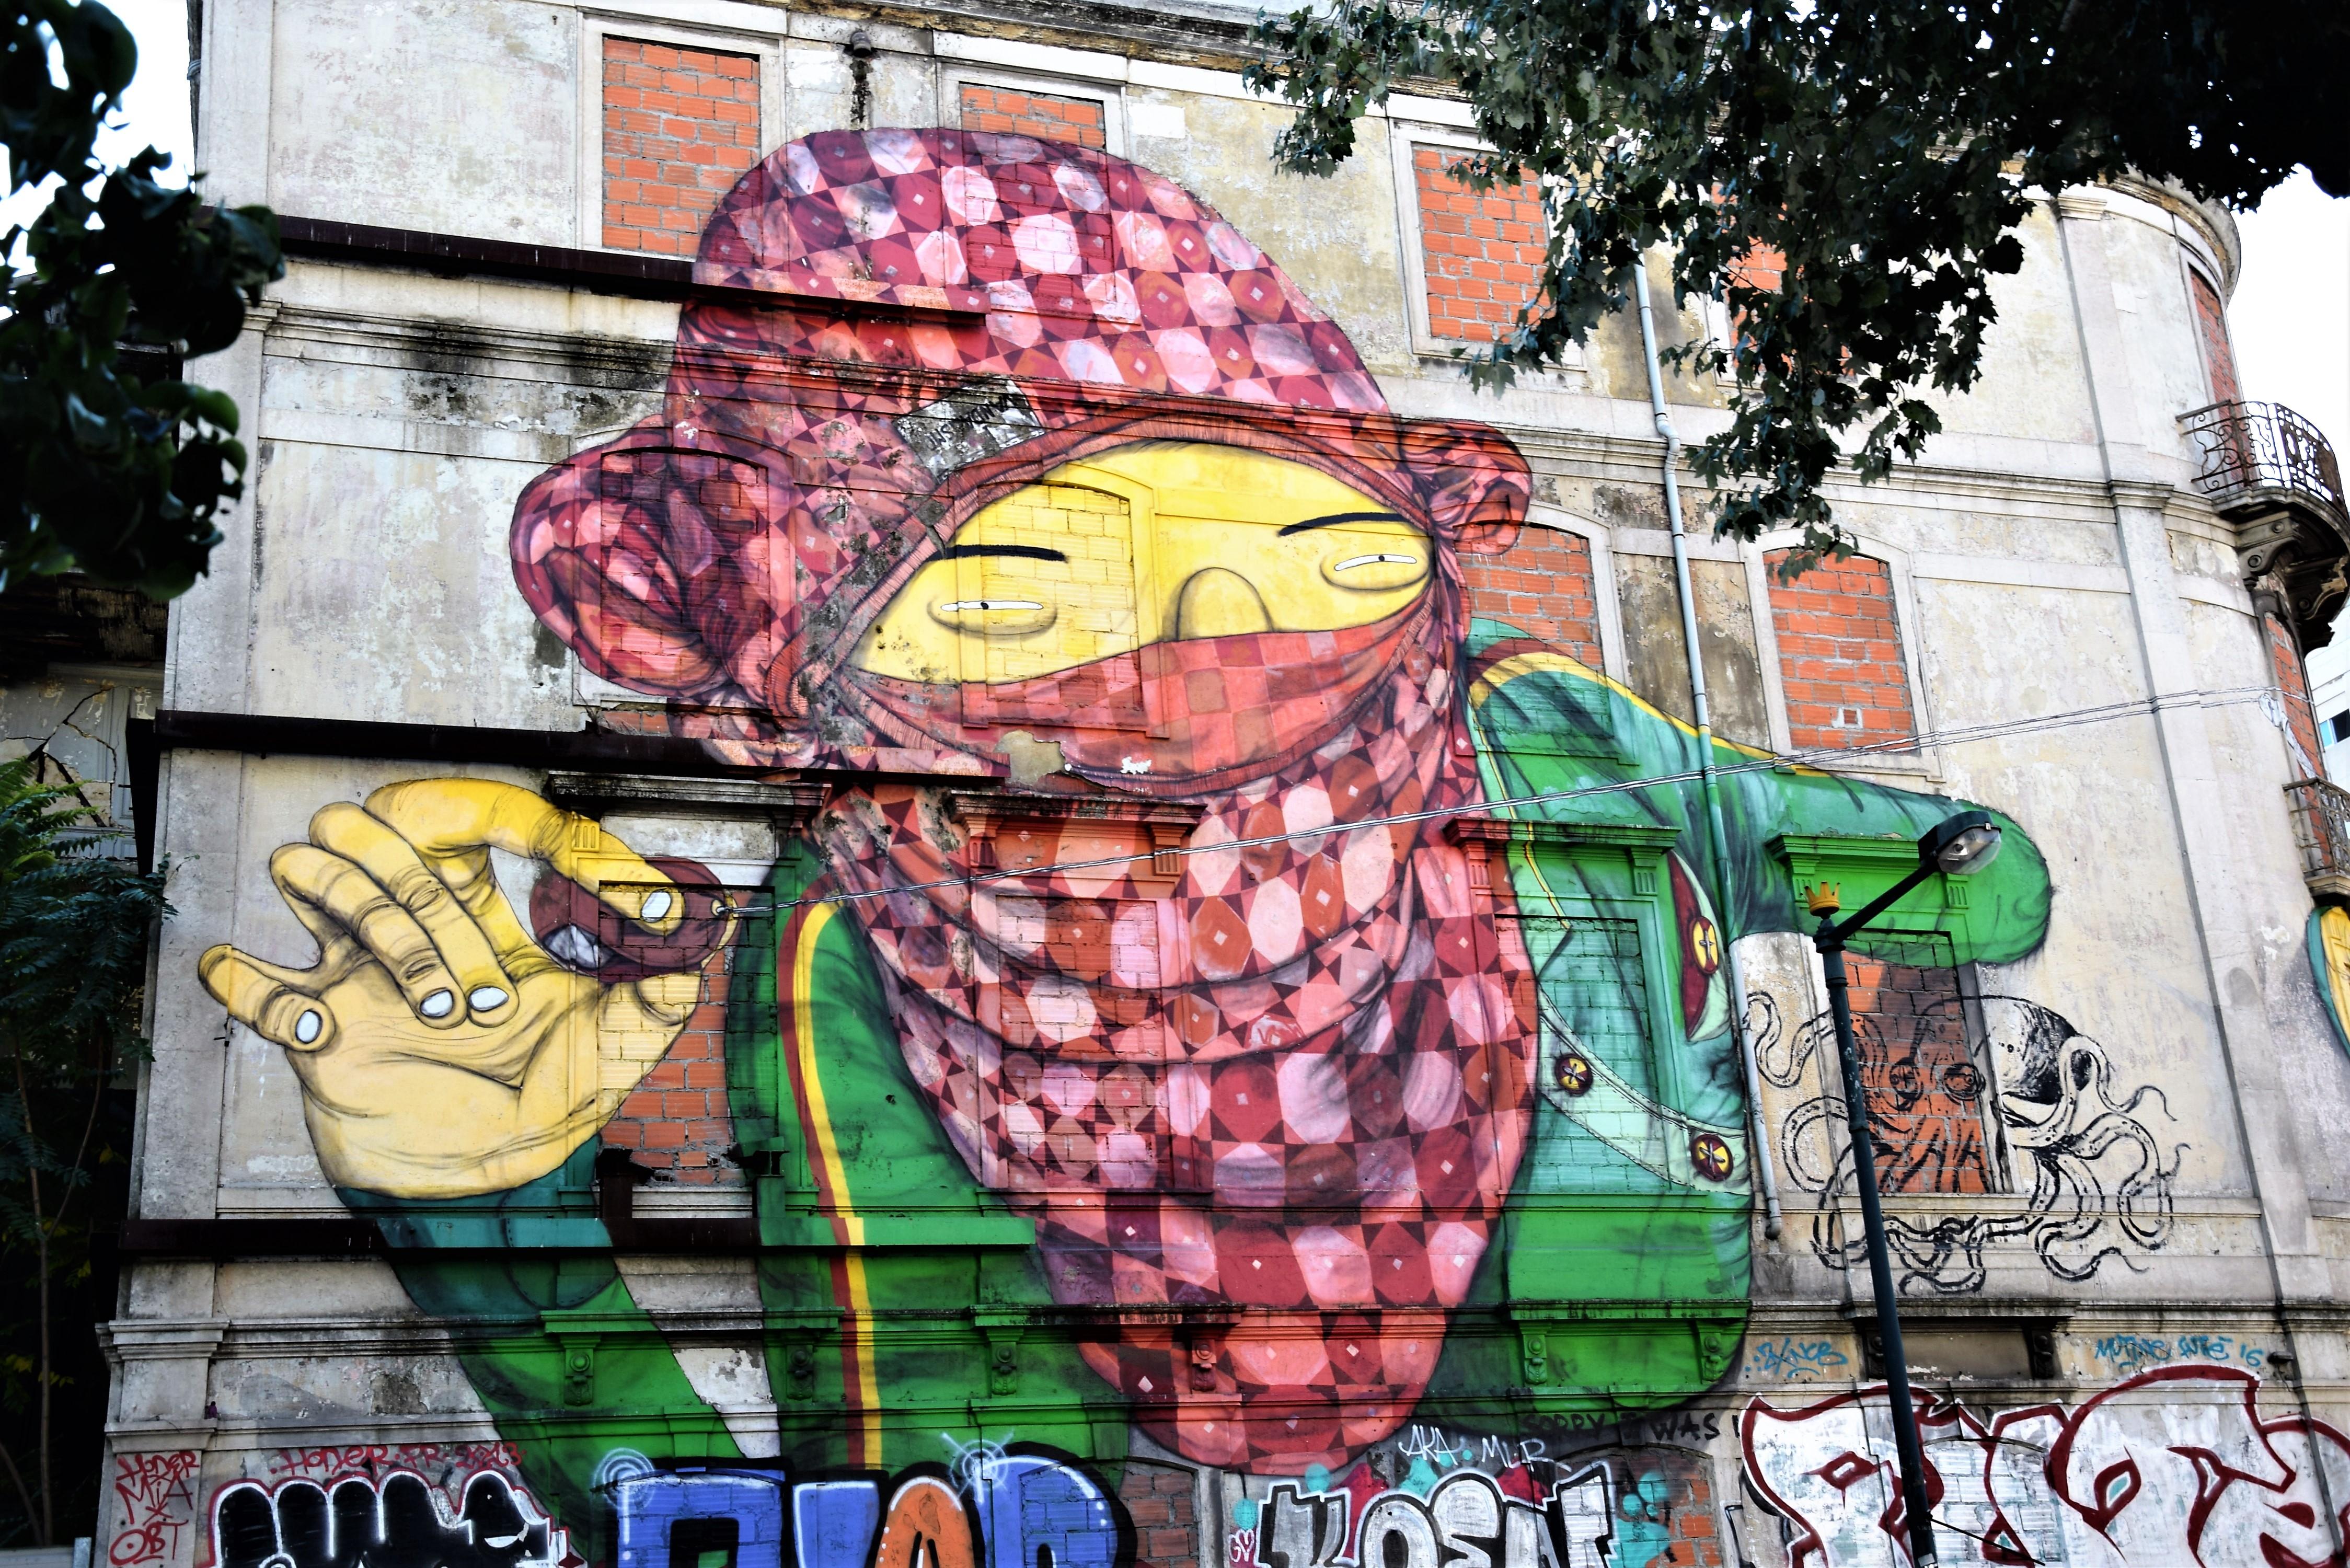 os gemeos - street art - lisbonne